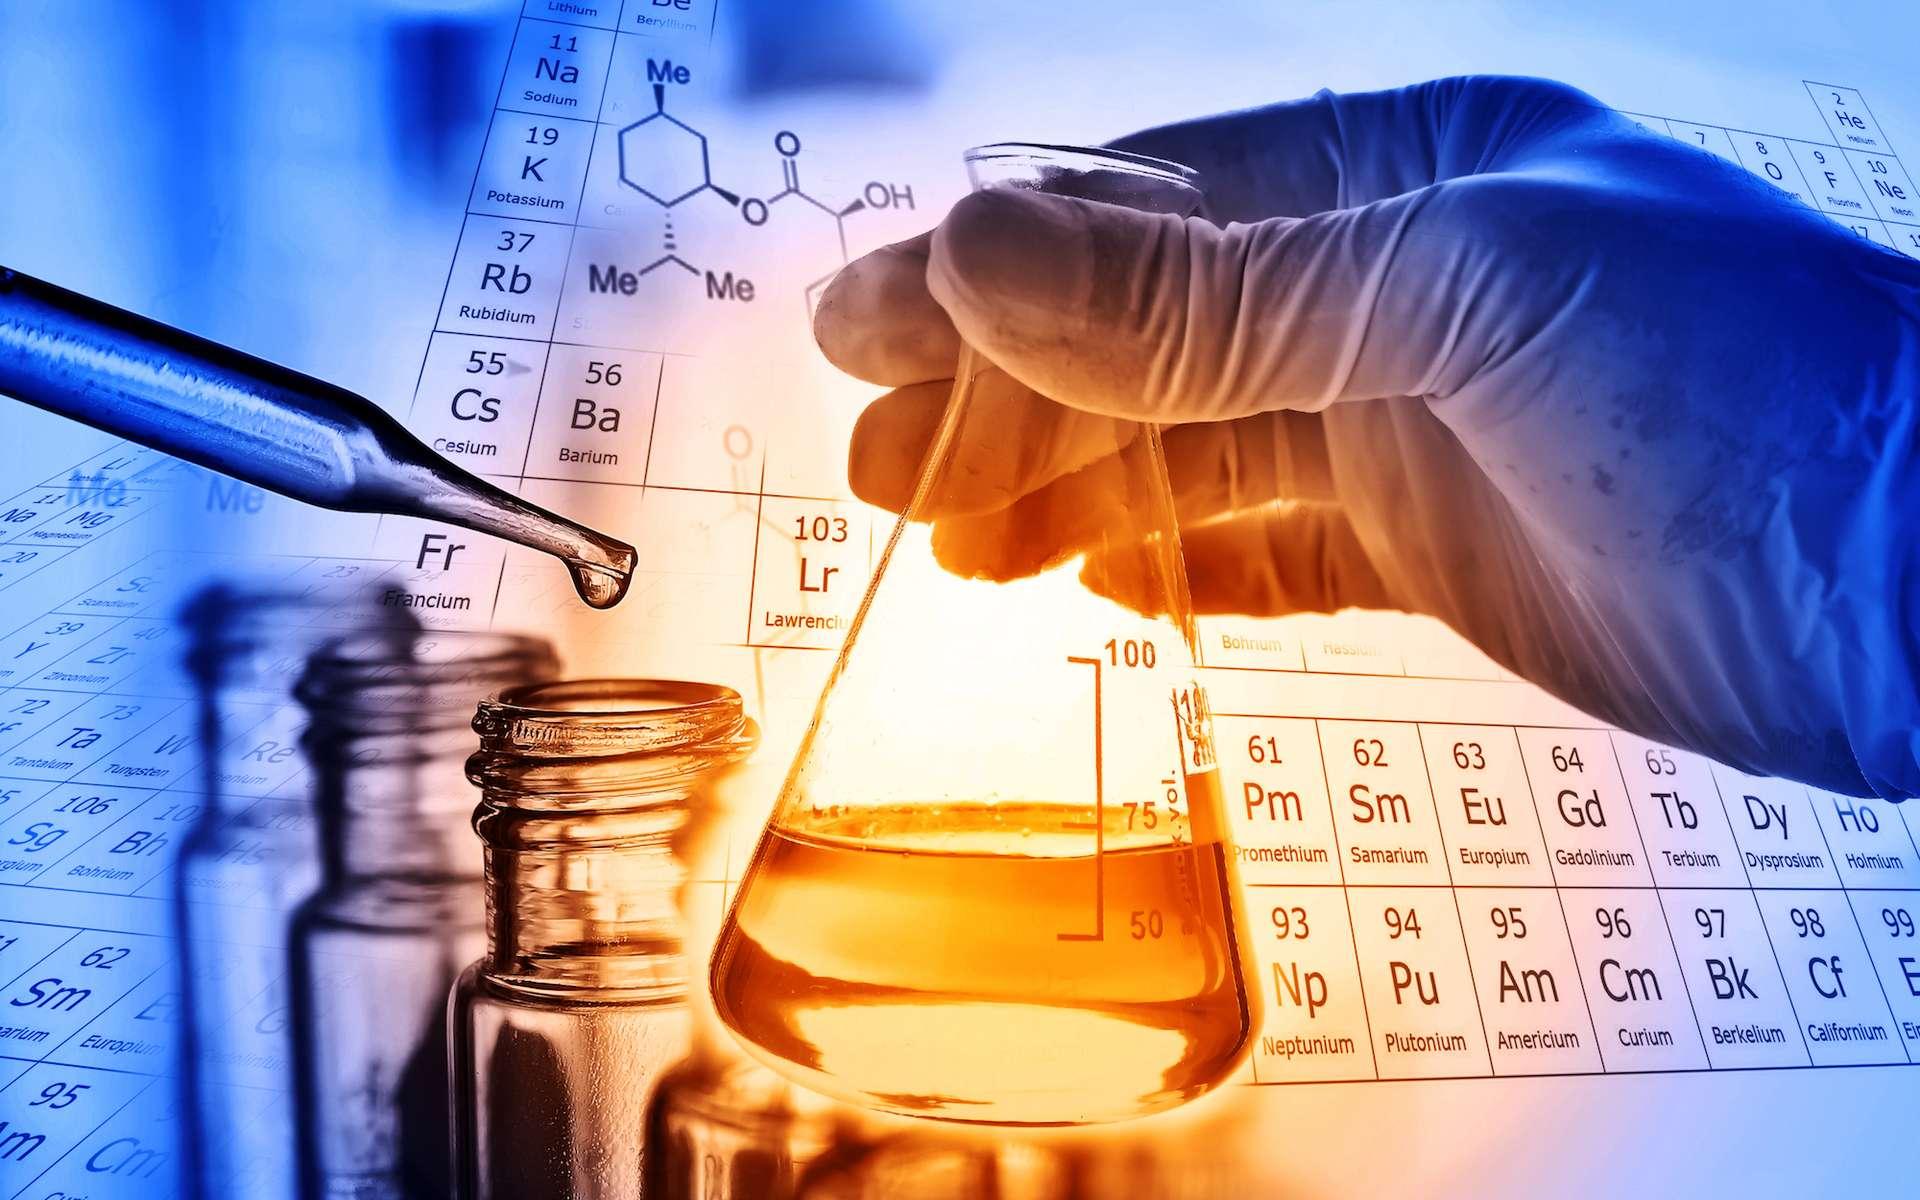 La chimie est la science qui étudie la composition et les transformations de la matière. © totojang 1977, Shutterstock